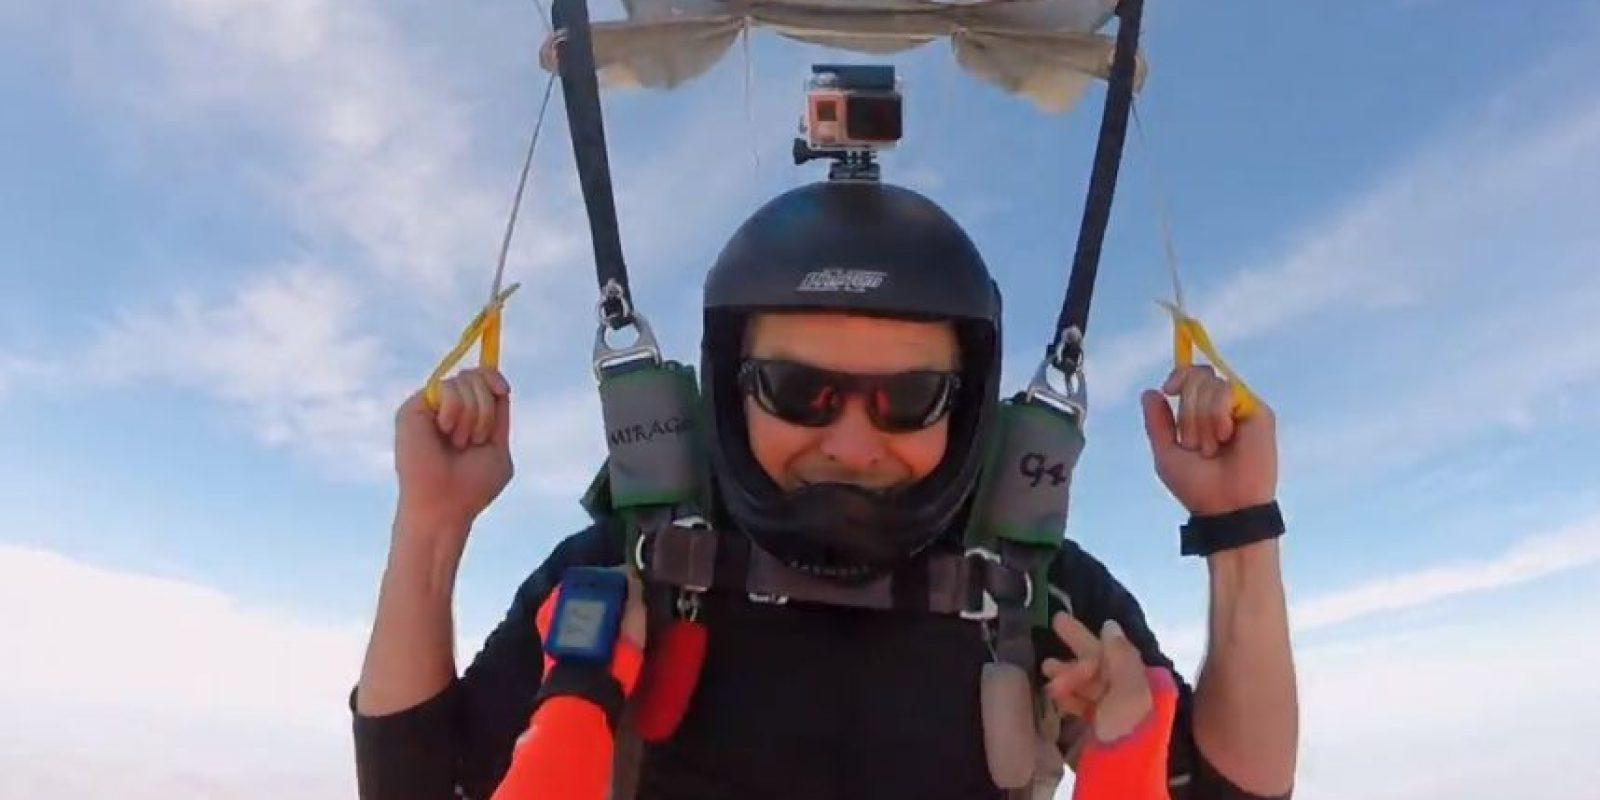 Brandon Strohbehn inclusive se dio el tiempo de proponerle matrimonio a su novia Nicole Nepomuceno mientras realizaban paracaidismo en los cielos de San Diego, California, Estados Unidos. Foto:GoPro